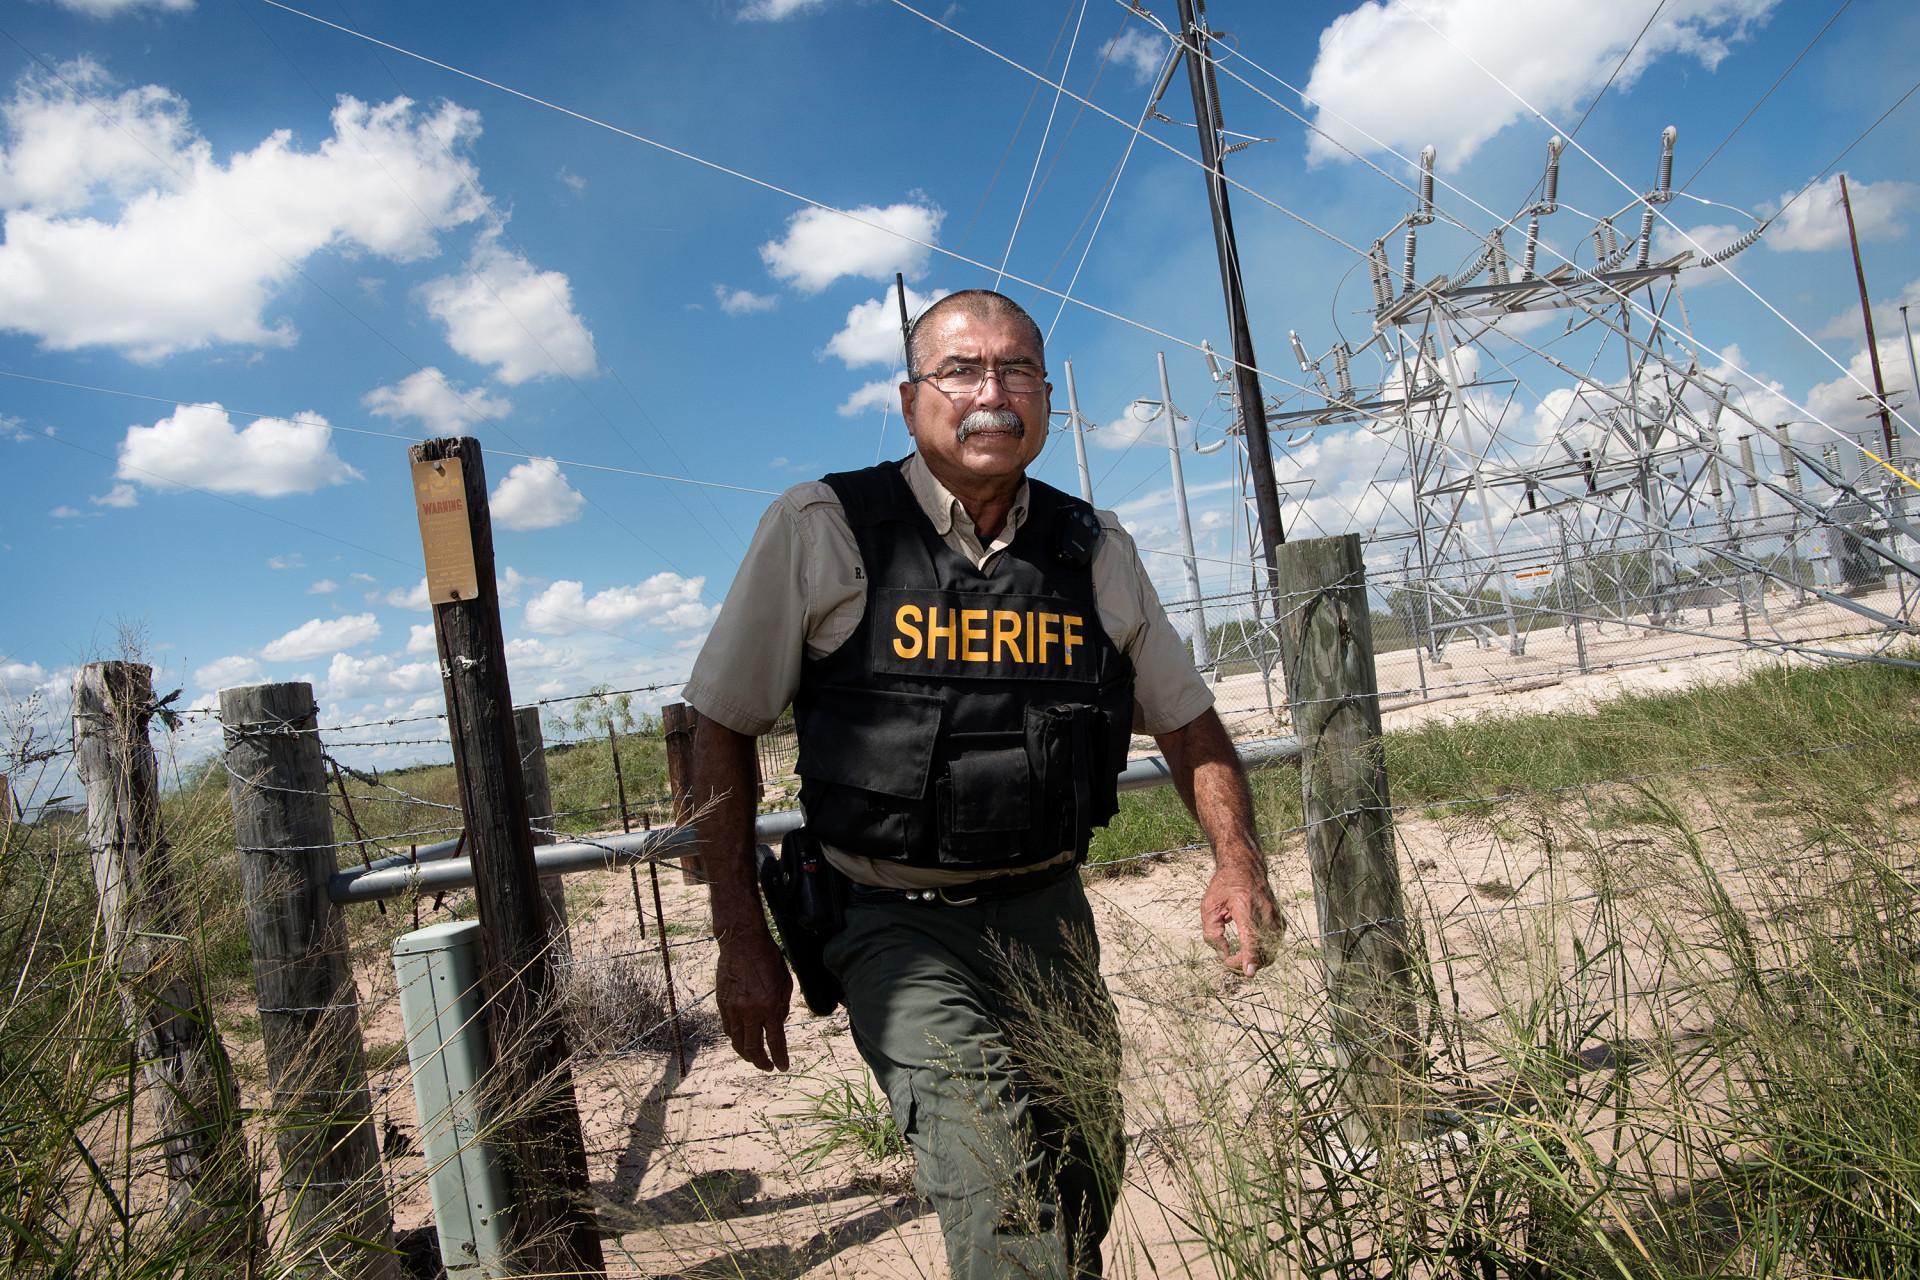 """Urbino Martinez, sheriff i Brookes County säger att normalpriset ligger på mellan 5 000 och 10 000 dollar beroende på hur mycket """"service"""" som ingår."""